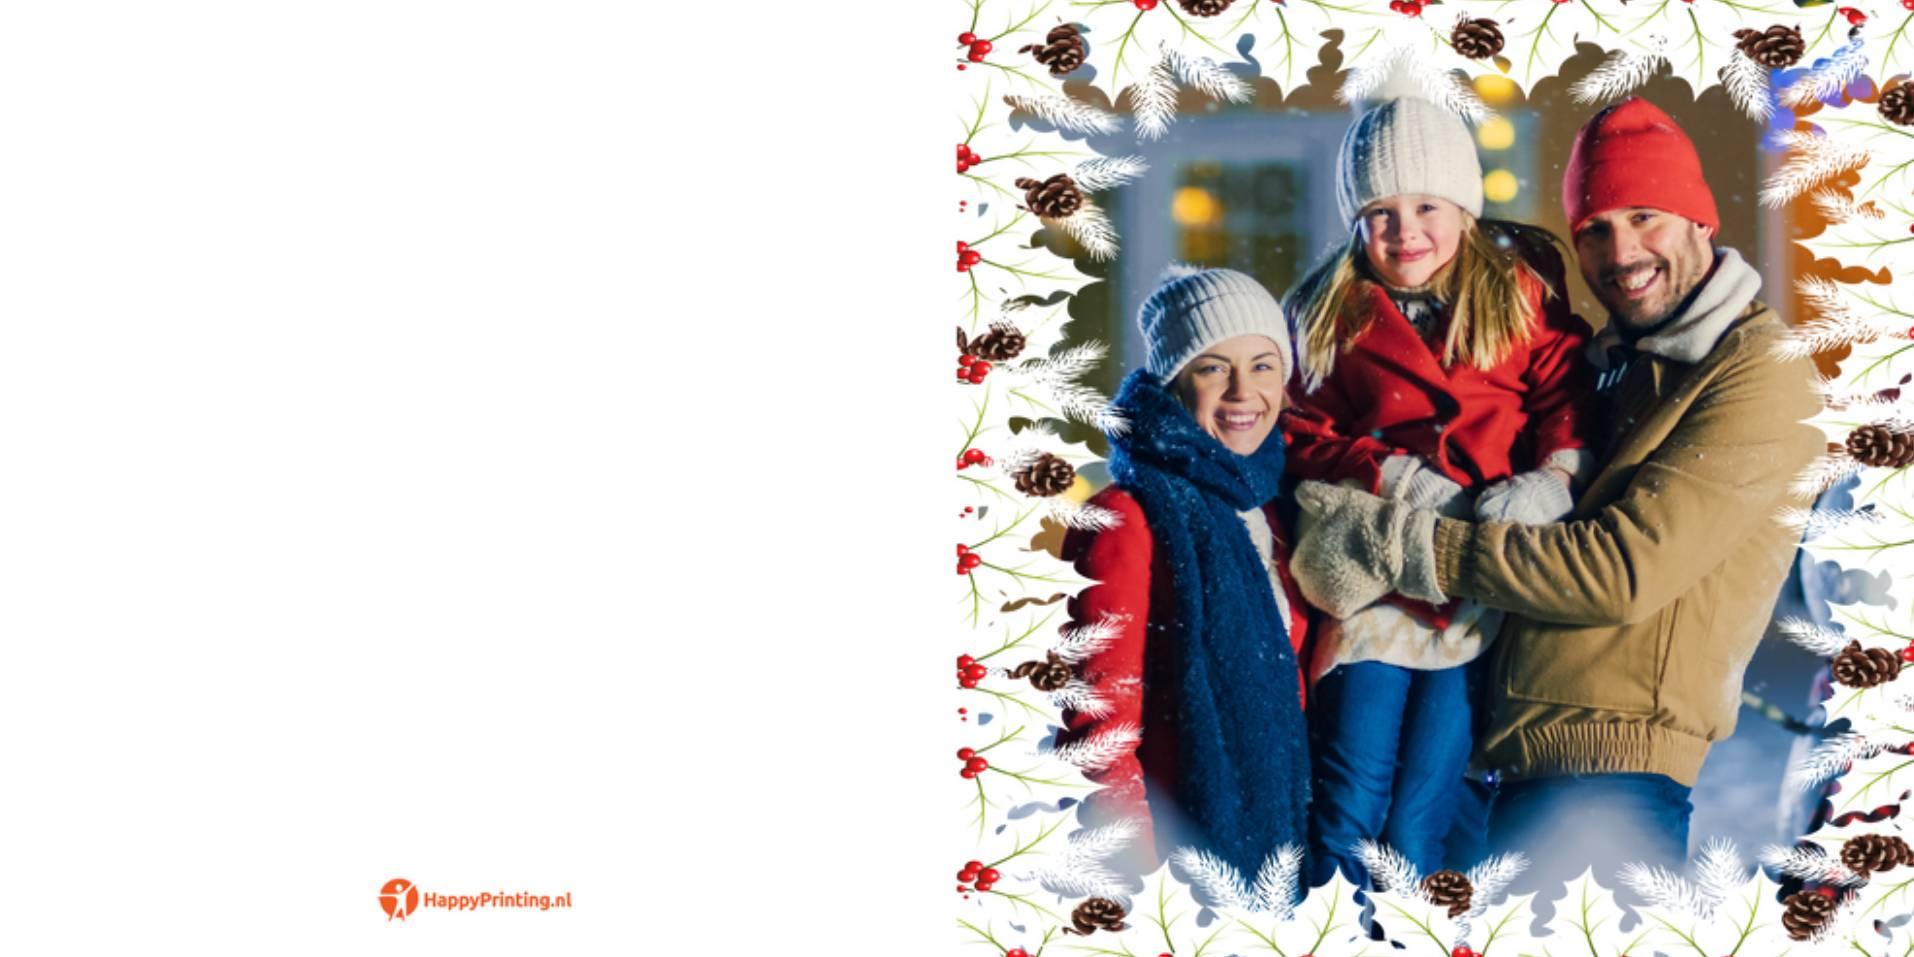 Persoonlijk _ Kerst 002 _ P